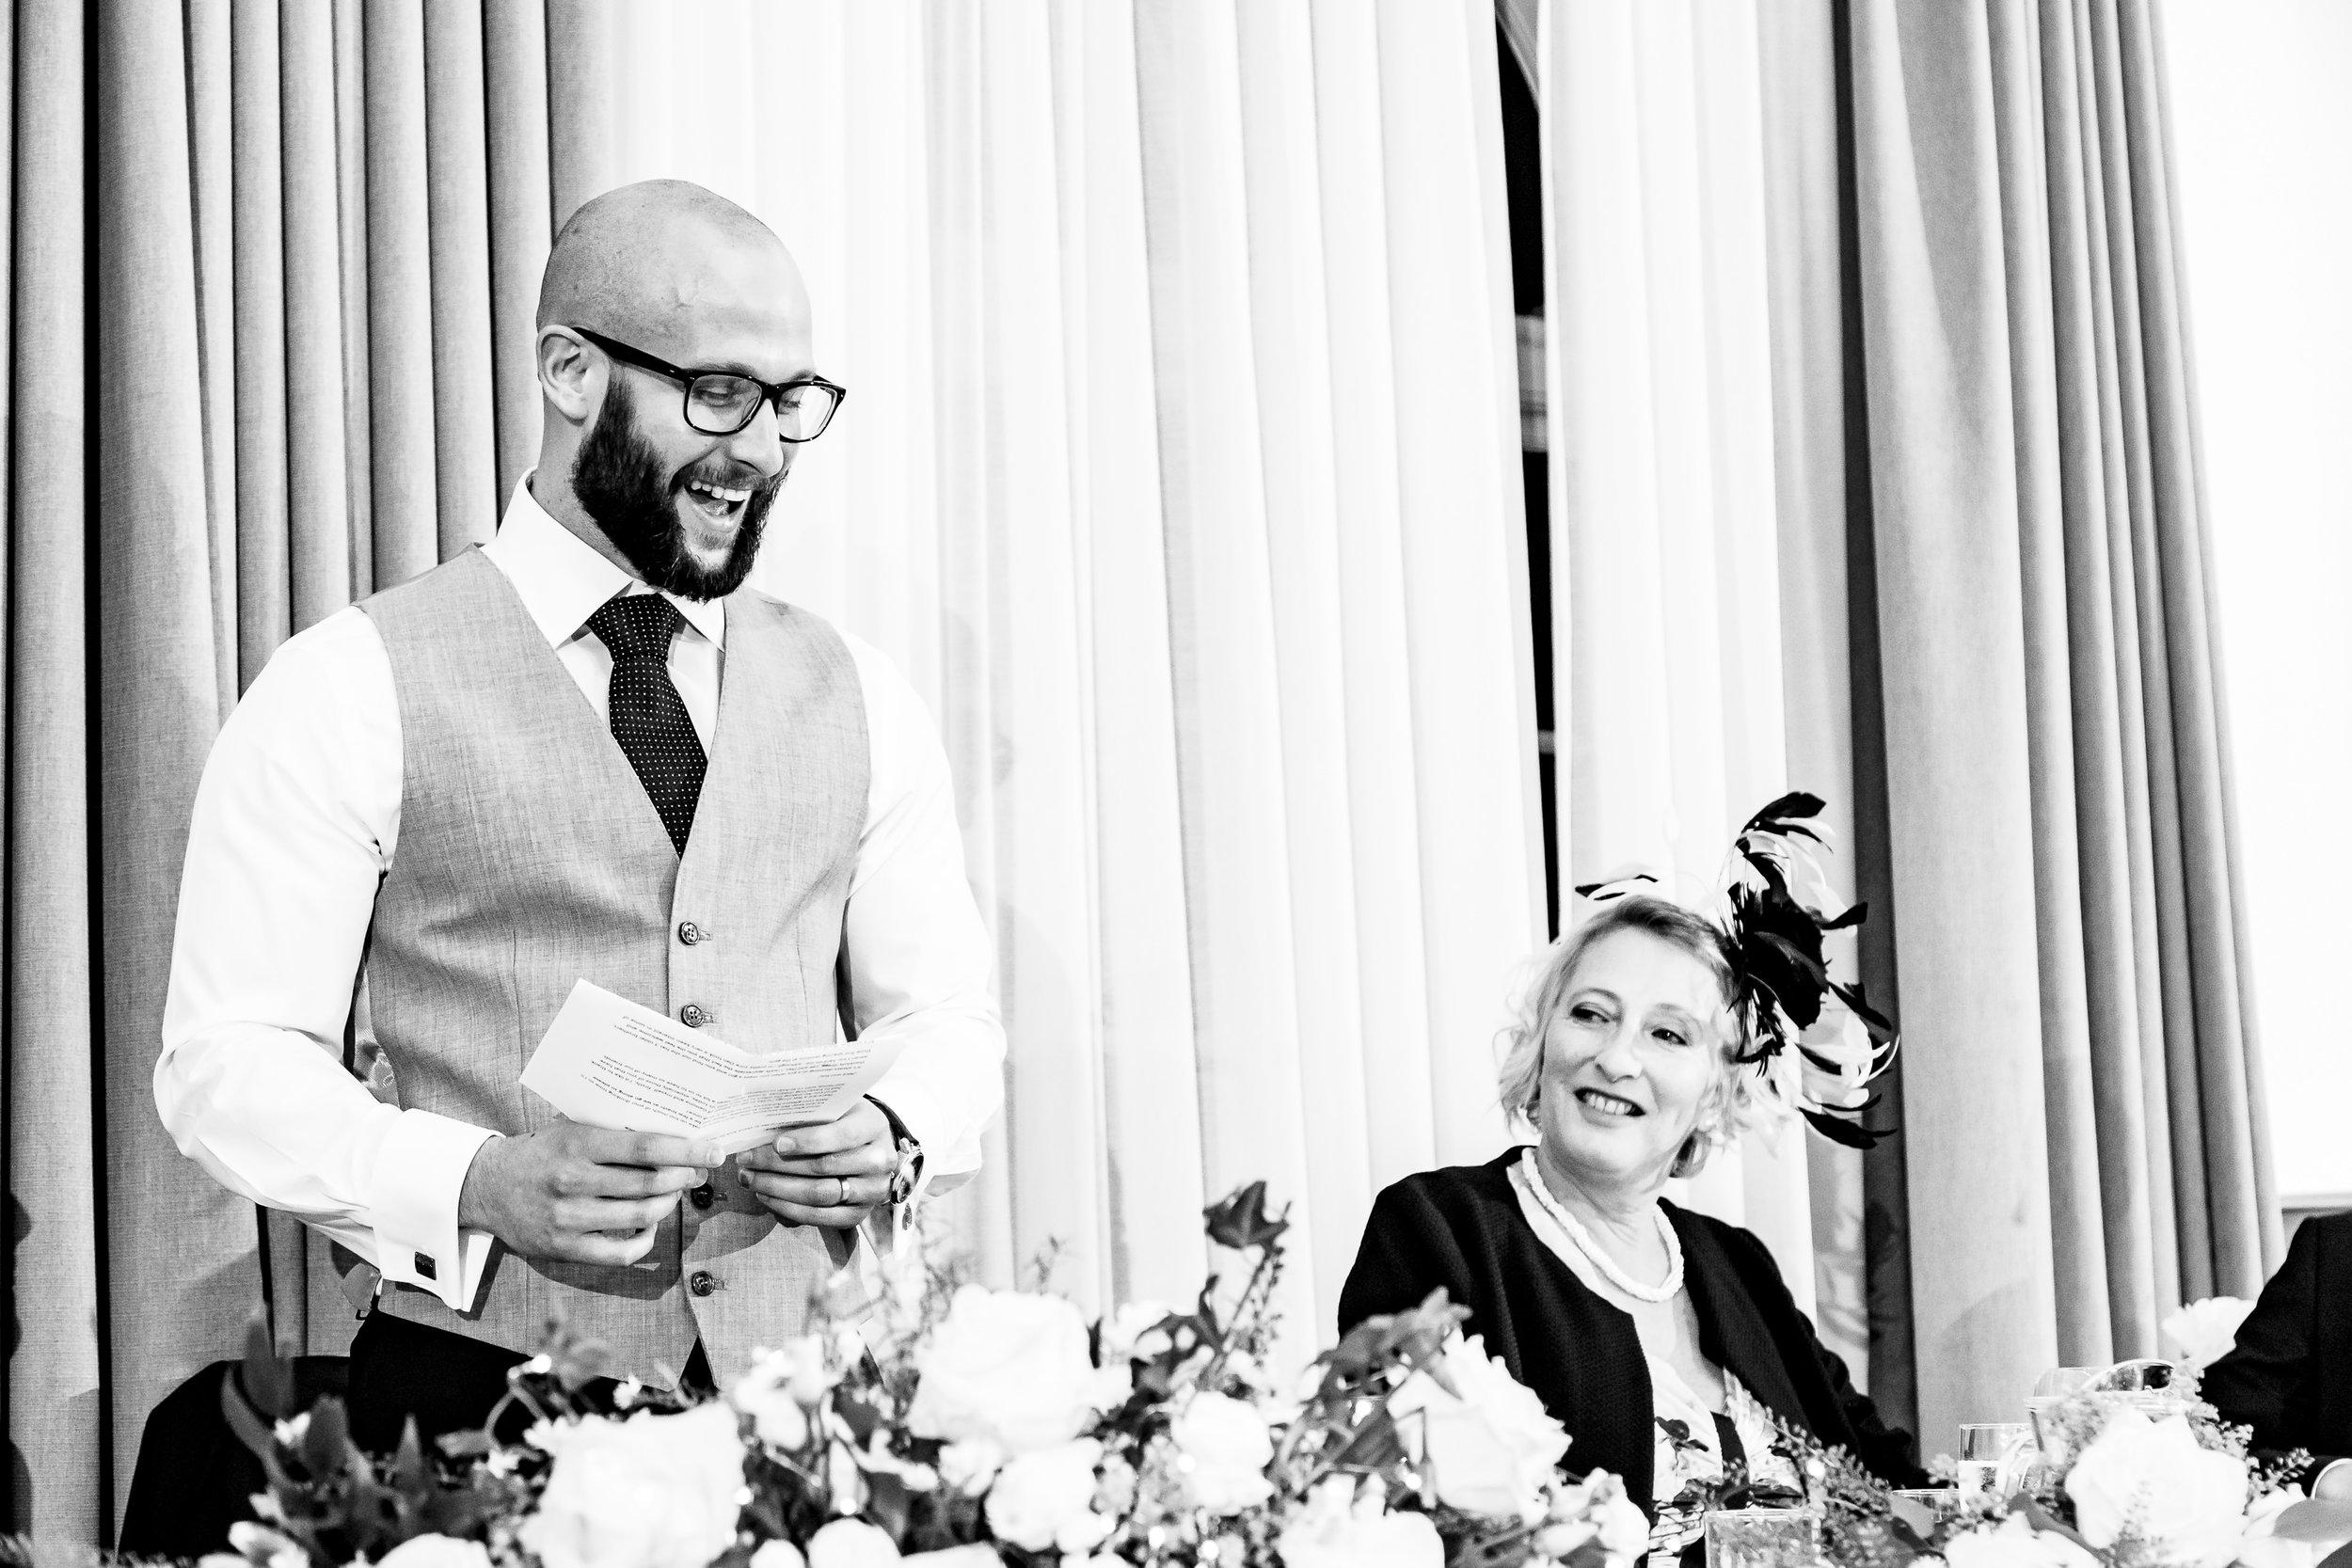 gemma-alex-wedding-438.jpg